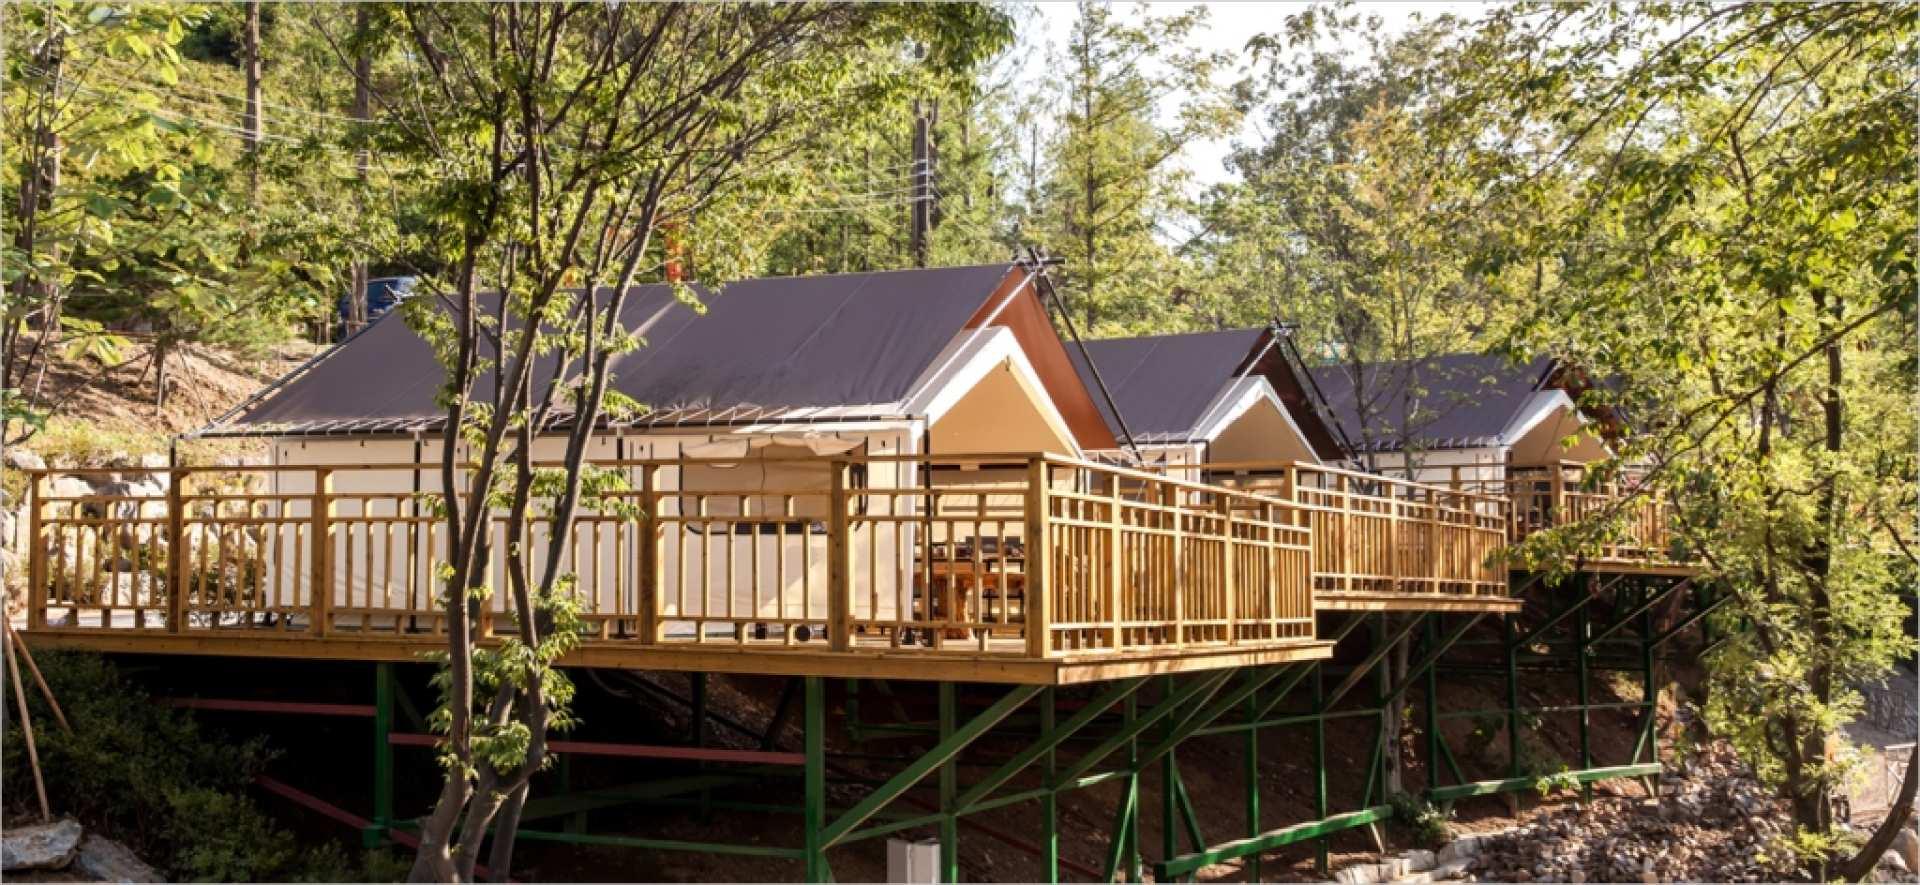 【坡州豪華露營兩日遊】Dongwha 露營度假屋、馬場湖水吊橋、普羅旺斯村、 AQUA PLANET 水族館